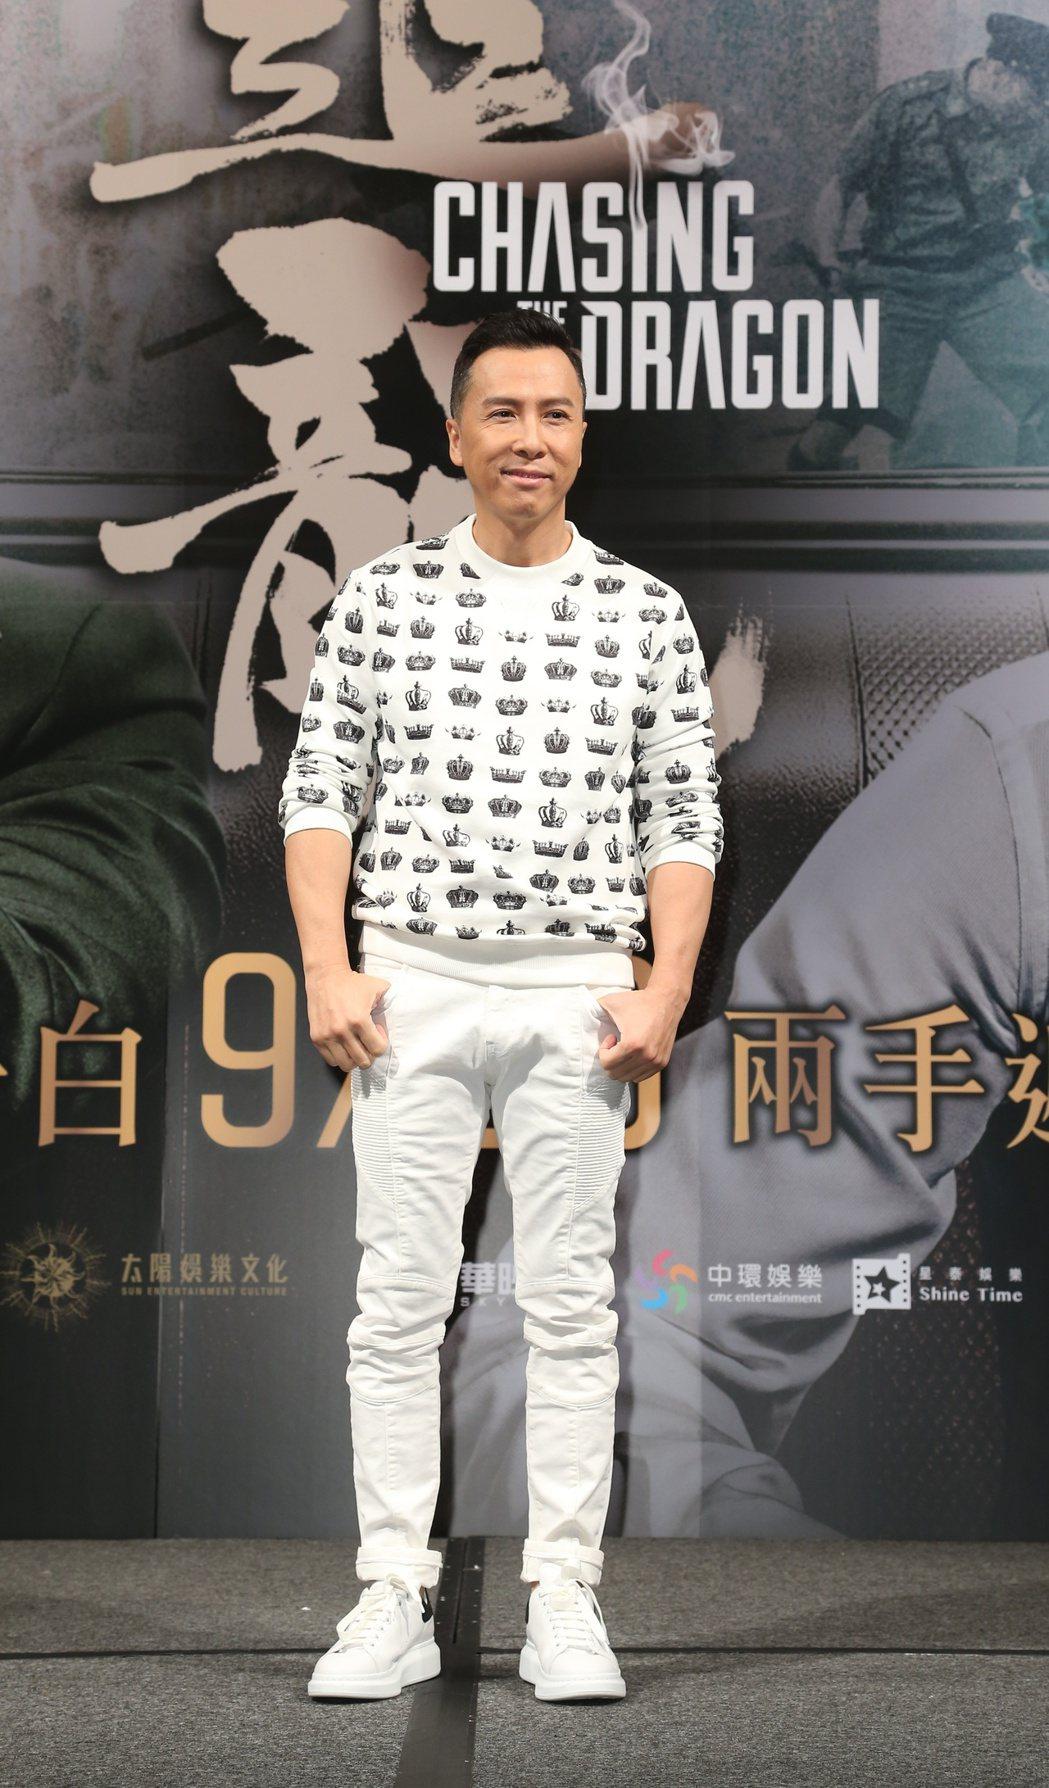 甄子丹來台宣傳電影「追龍」。記者陳立凱/攝影